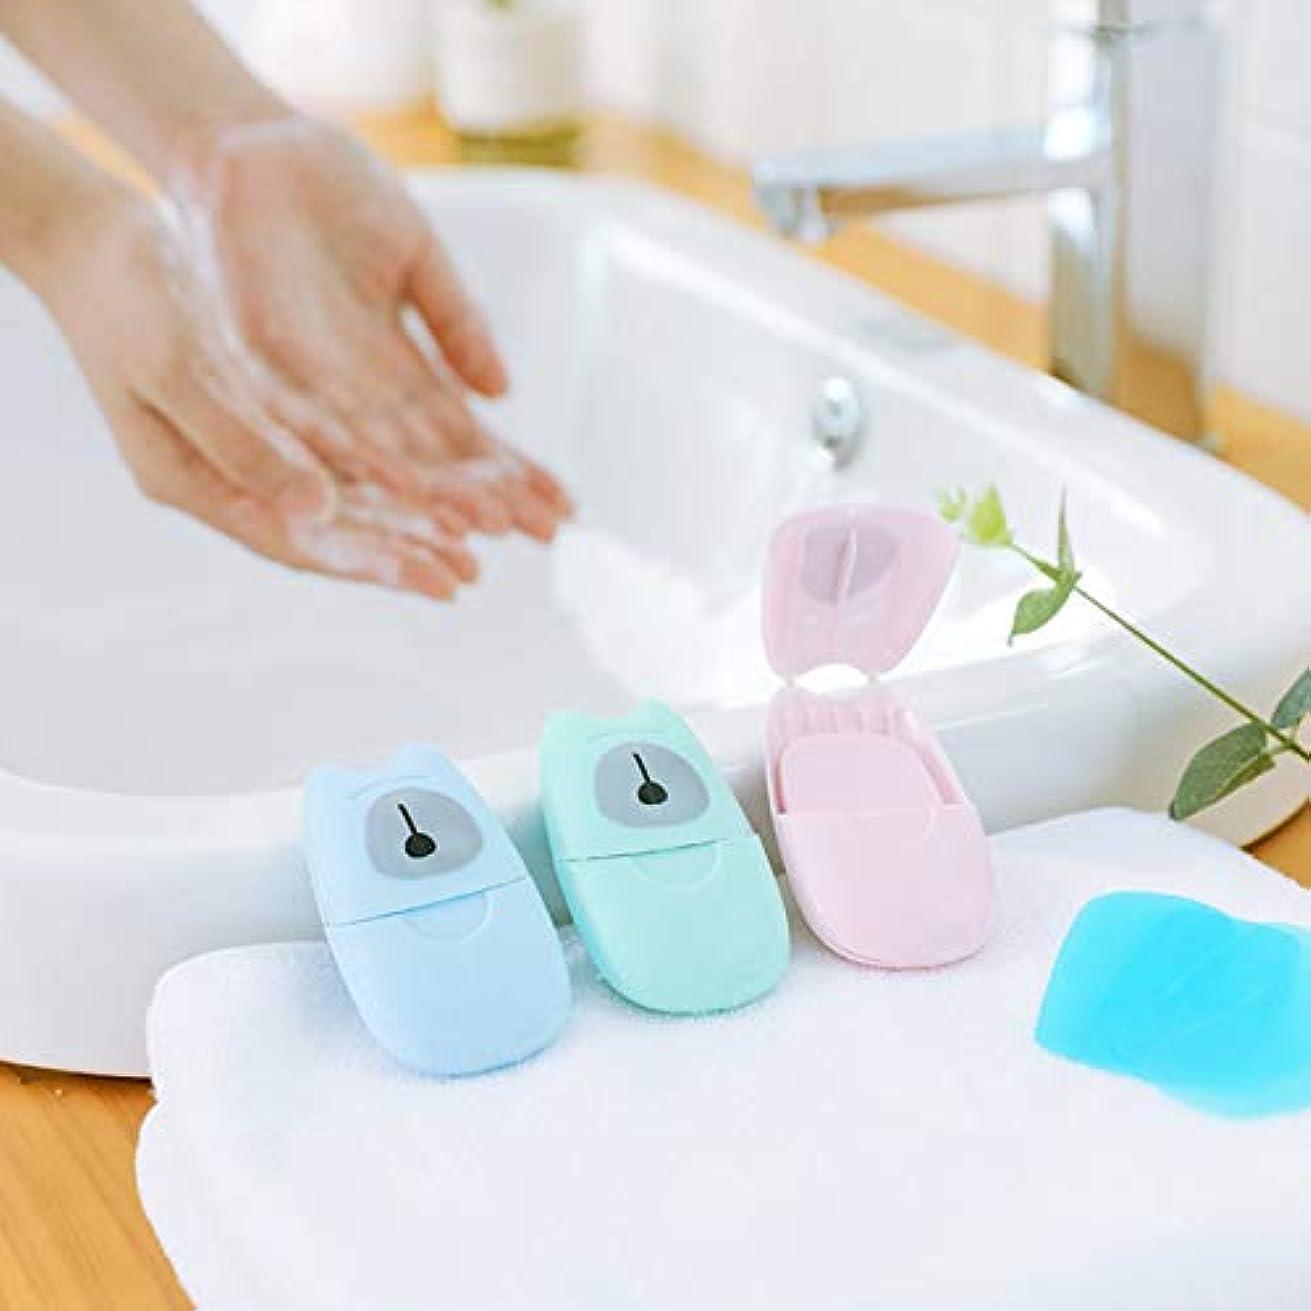 オンスギャラリー時々時々箱入り石鹸紙旅行ポータブル屋外手洗い石鹸の香りのスライスシート50ピースプラスチックボックス付きミニ石鹸紙(色:緑)